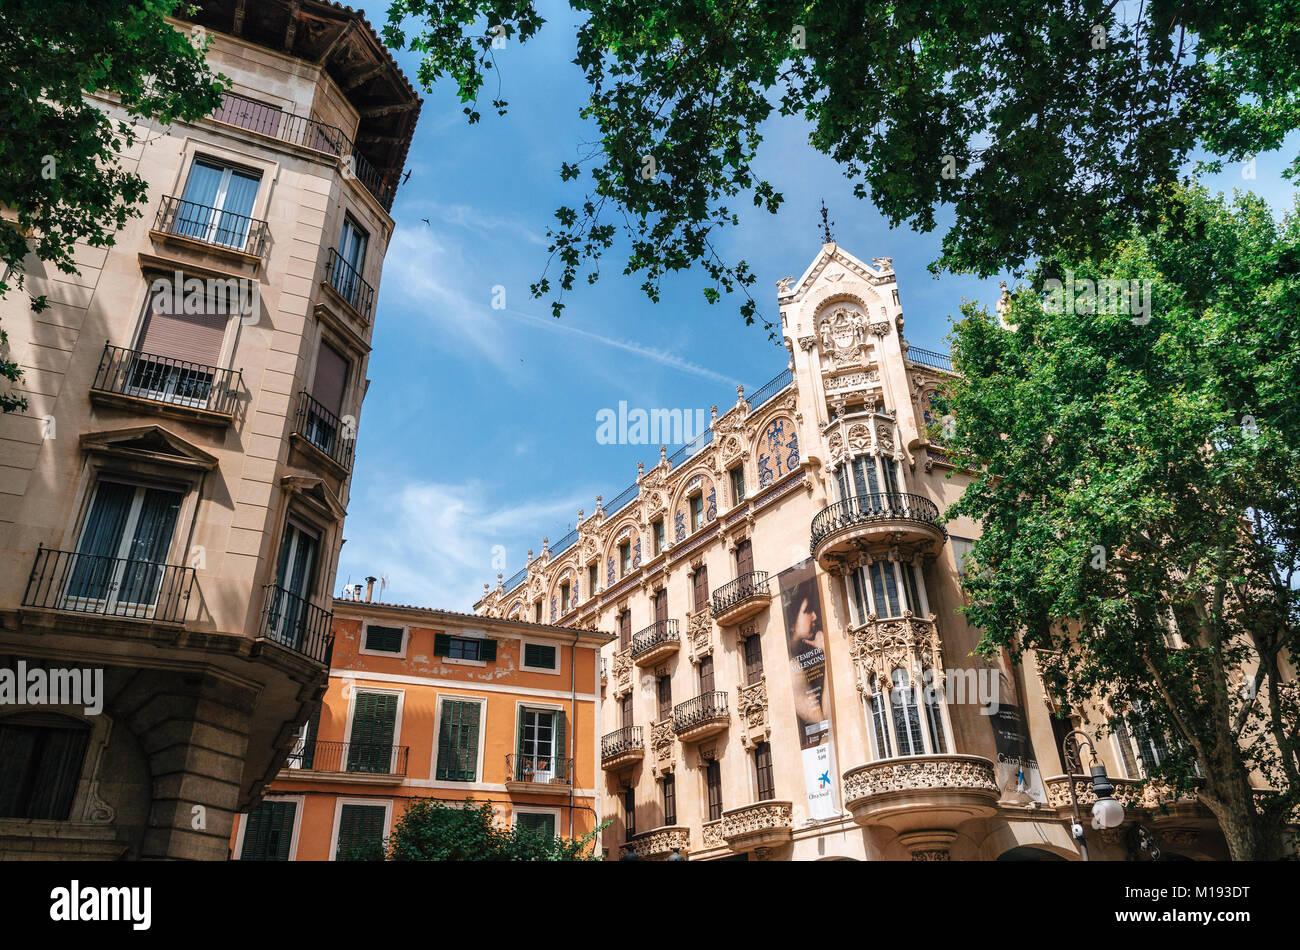 Palma de Mallorca, Spanien - 27. Mai 2016: Moderne mediterrane Architektur in Palma de Mallorca, Balearen, Spanien Stockbild